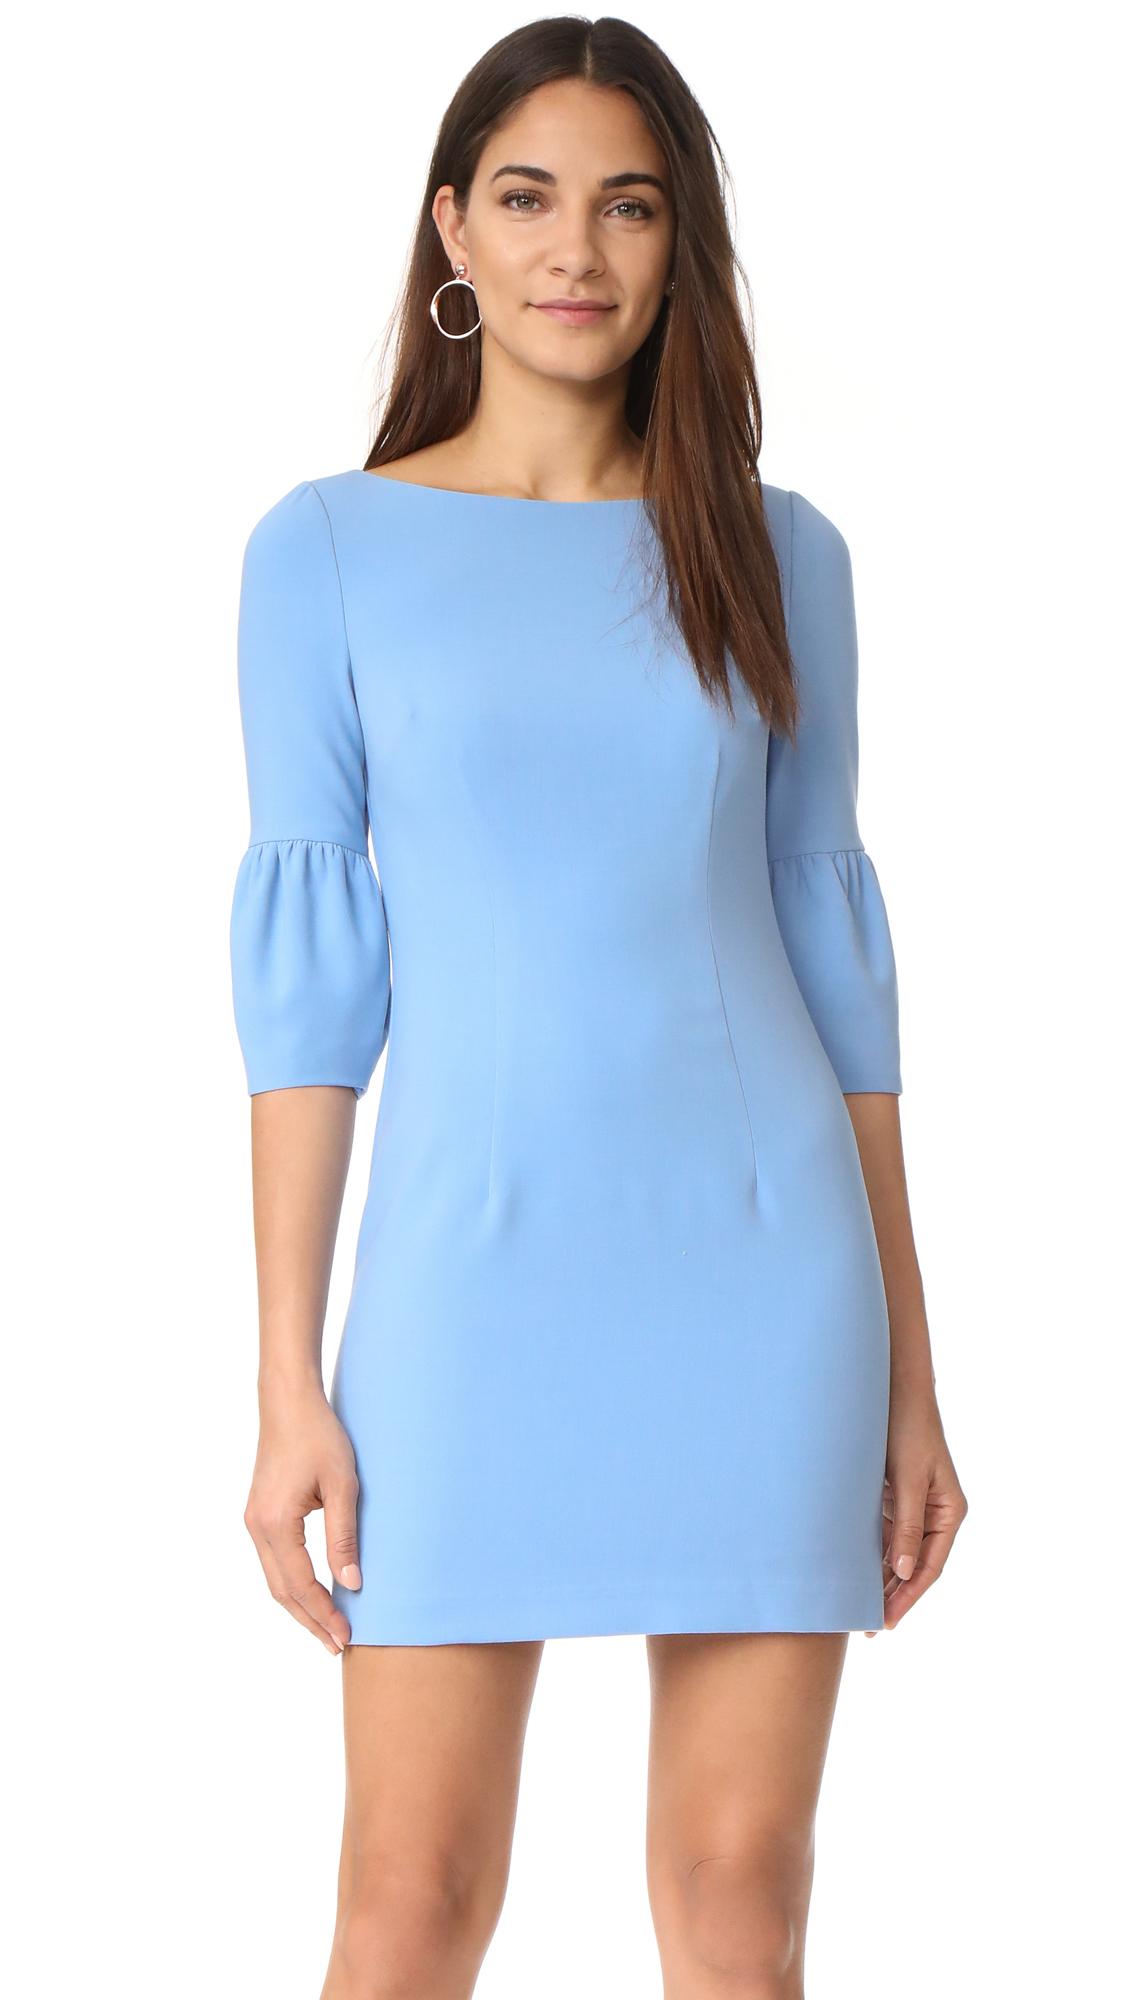 Black Halo Mooreland Mini Dress - Twinkle Blue